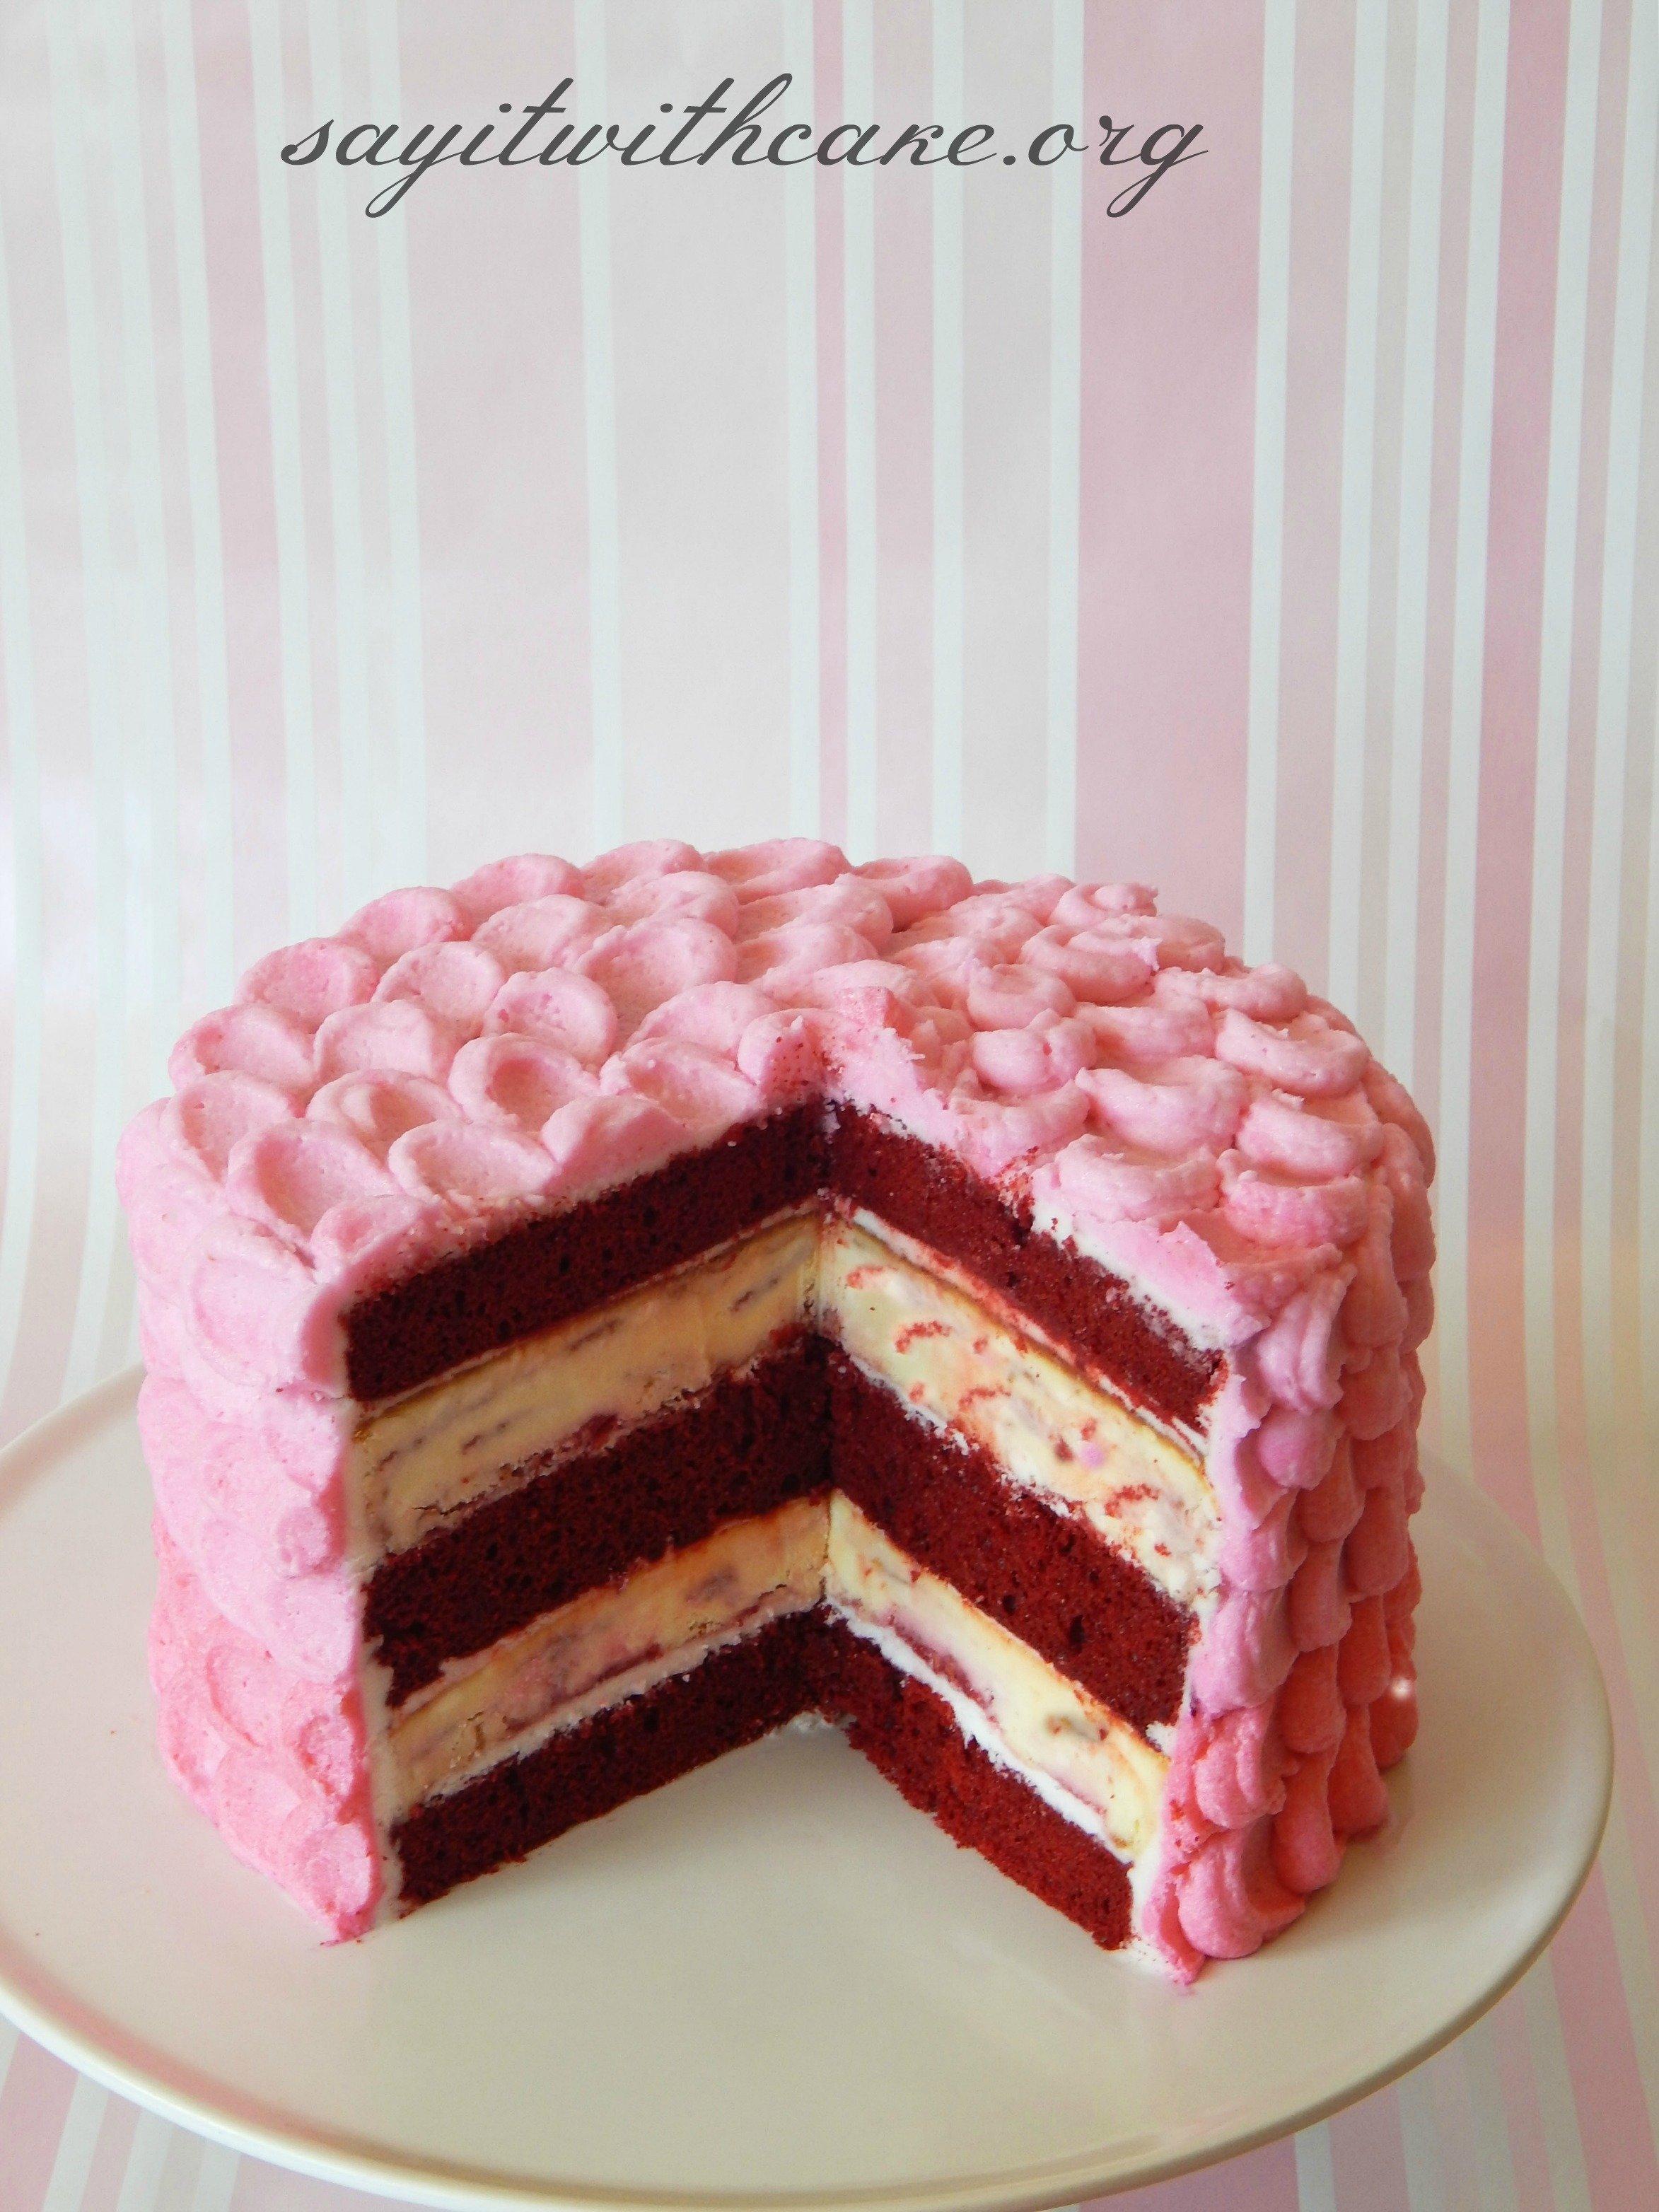 10 Famous Red Velvet Cake Filling Ideas red velvet raspberry swirl cheesecake cake say it with cake 2020